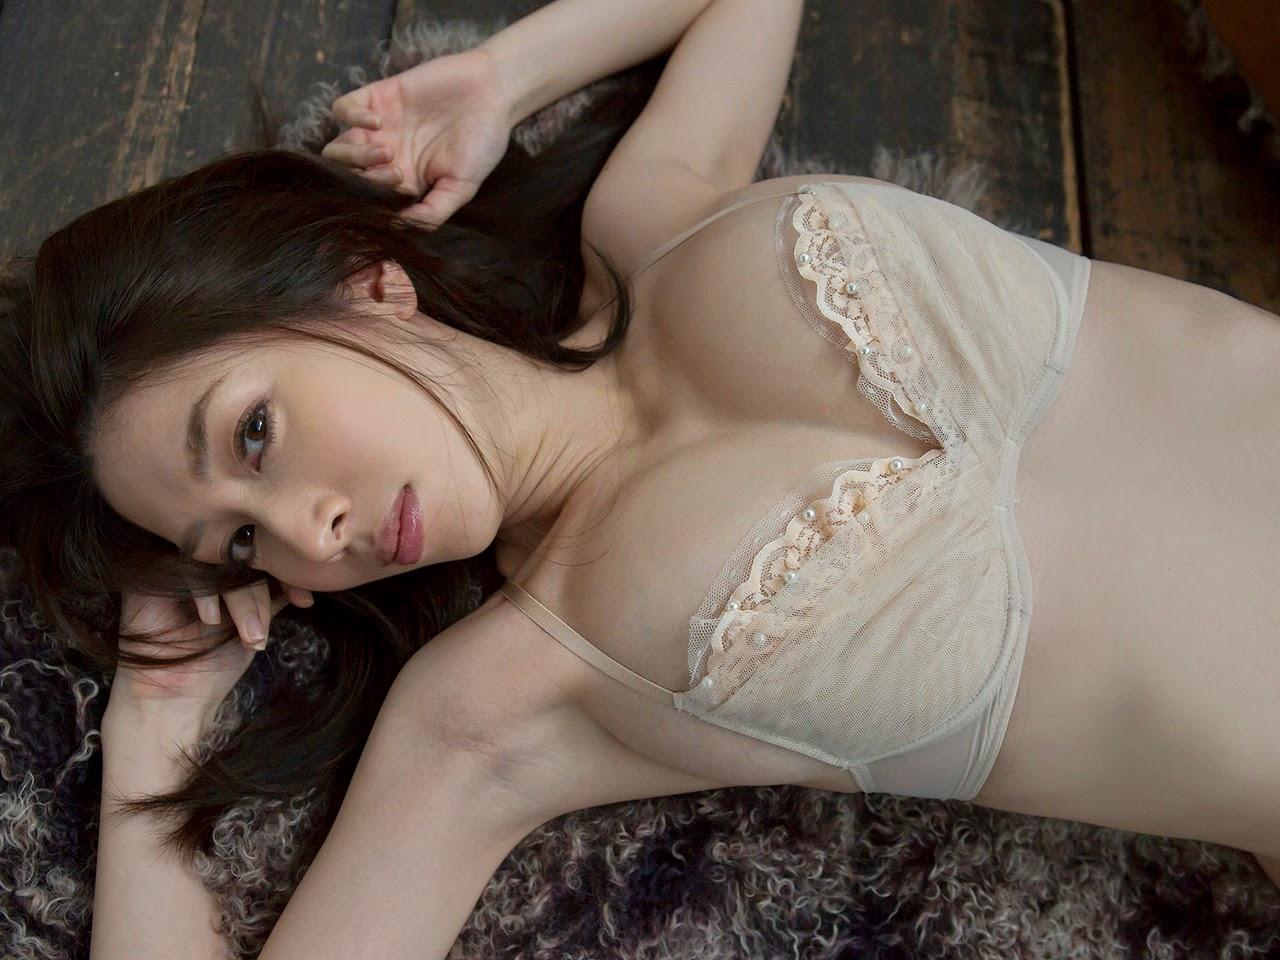 Idol Emi Kobayashi phim heo tạo dáng hấp dẫn 2